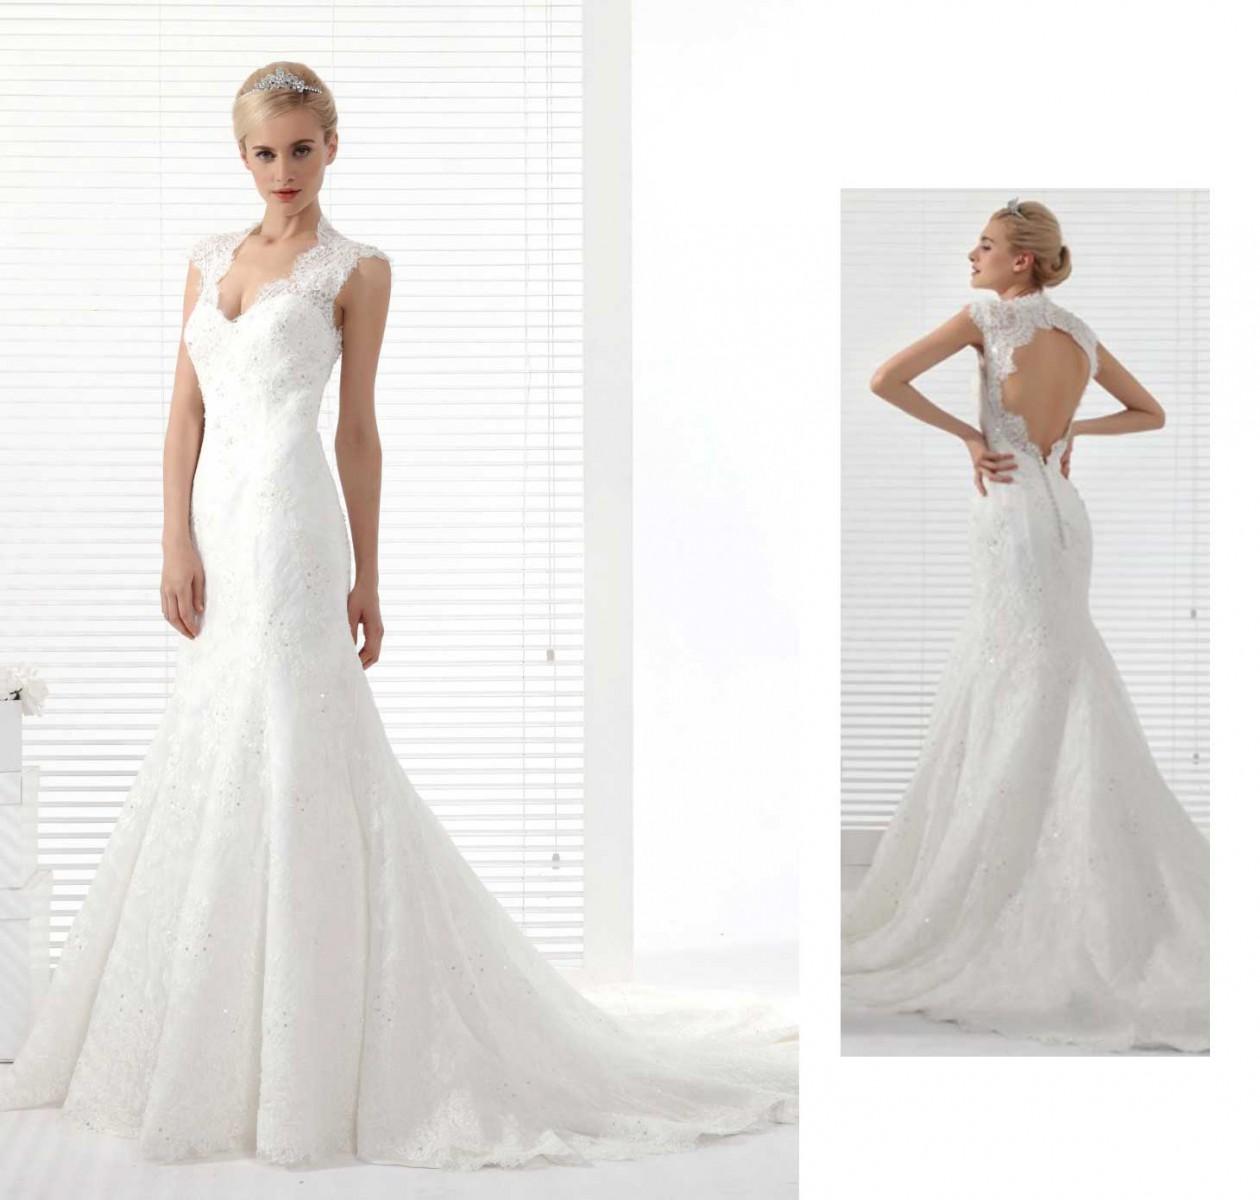 Erfreut Brautkleid Geschäfte Edinburgh Bilder - Hochzeit Kleid Stile ...